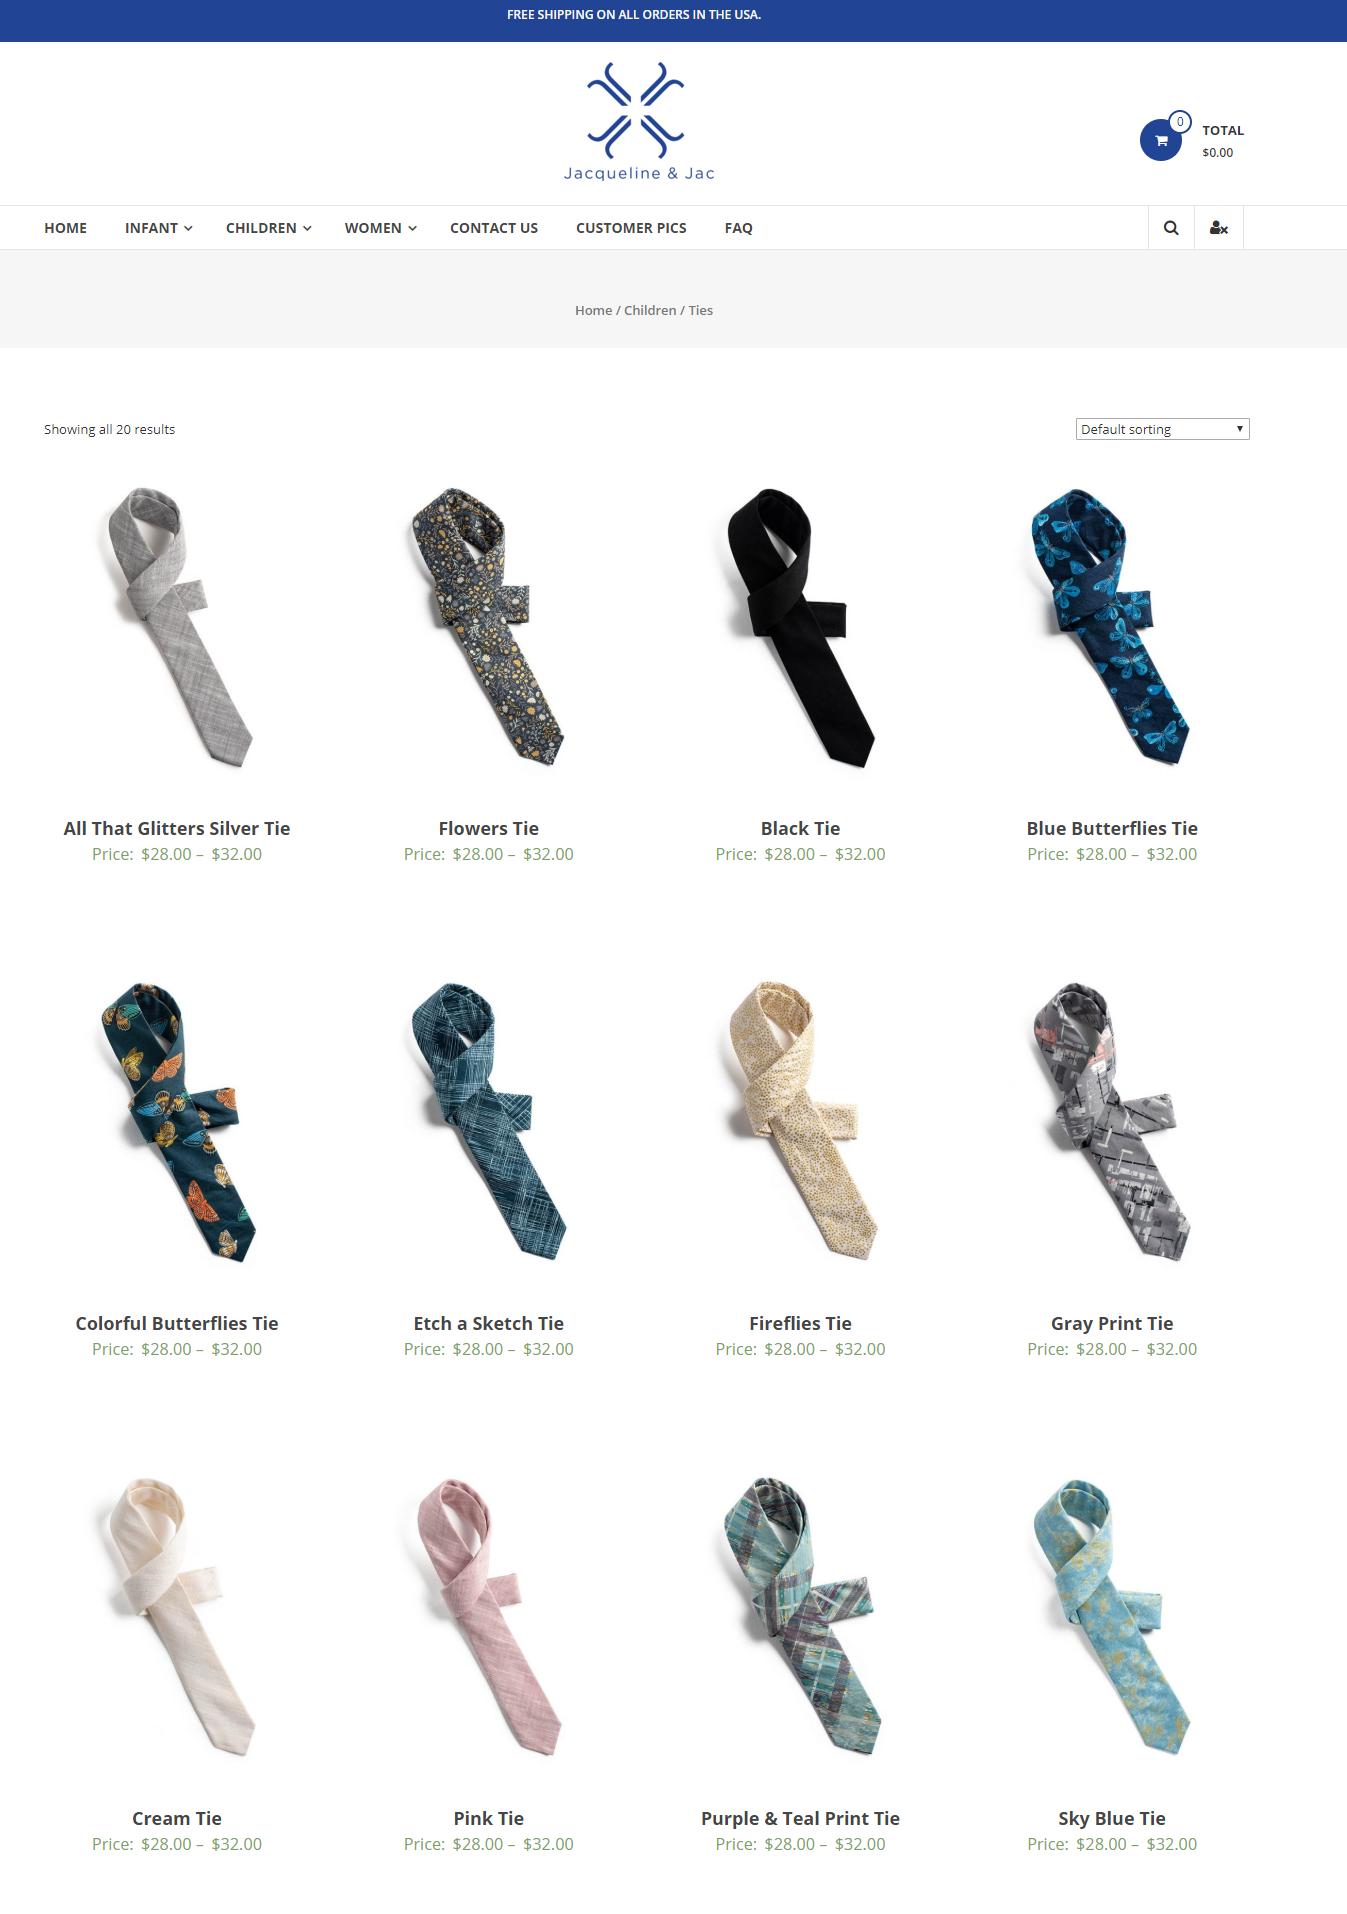 Jacqueline & Jac Product Pages